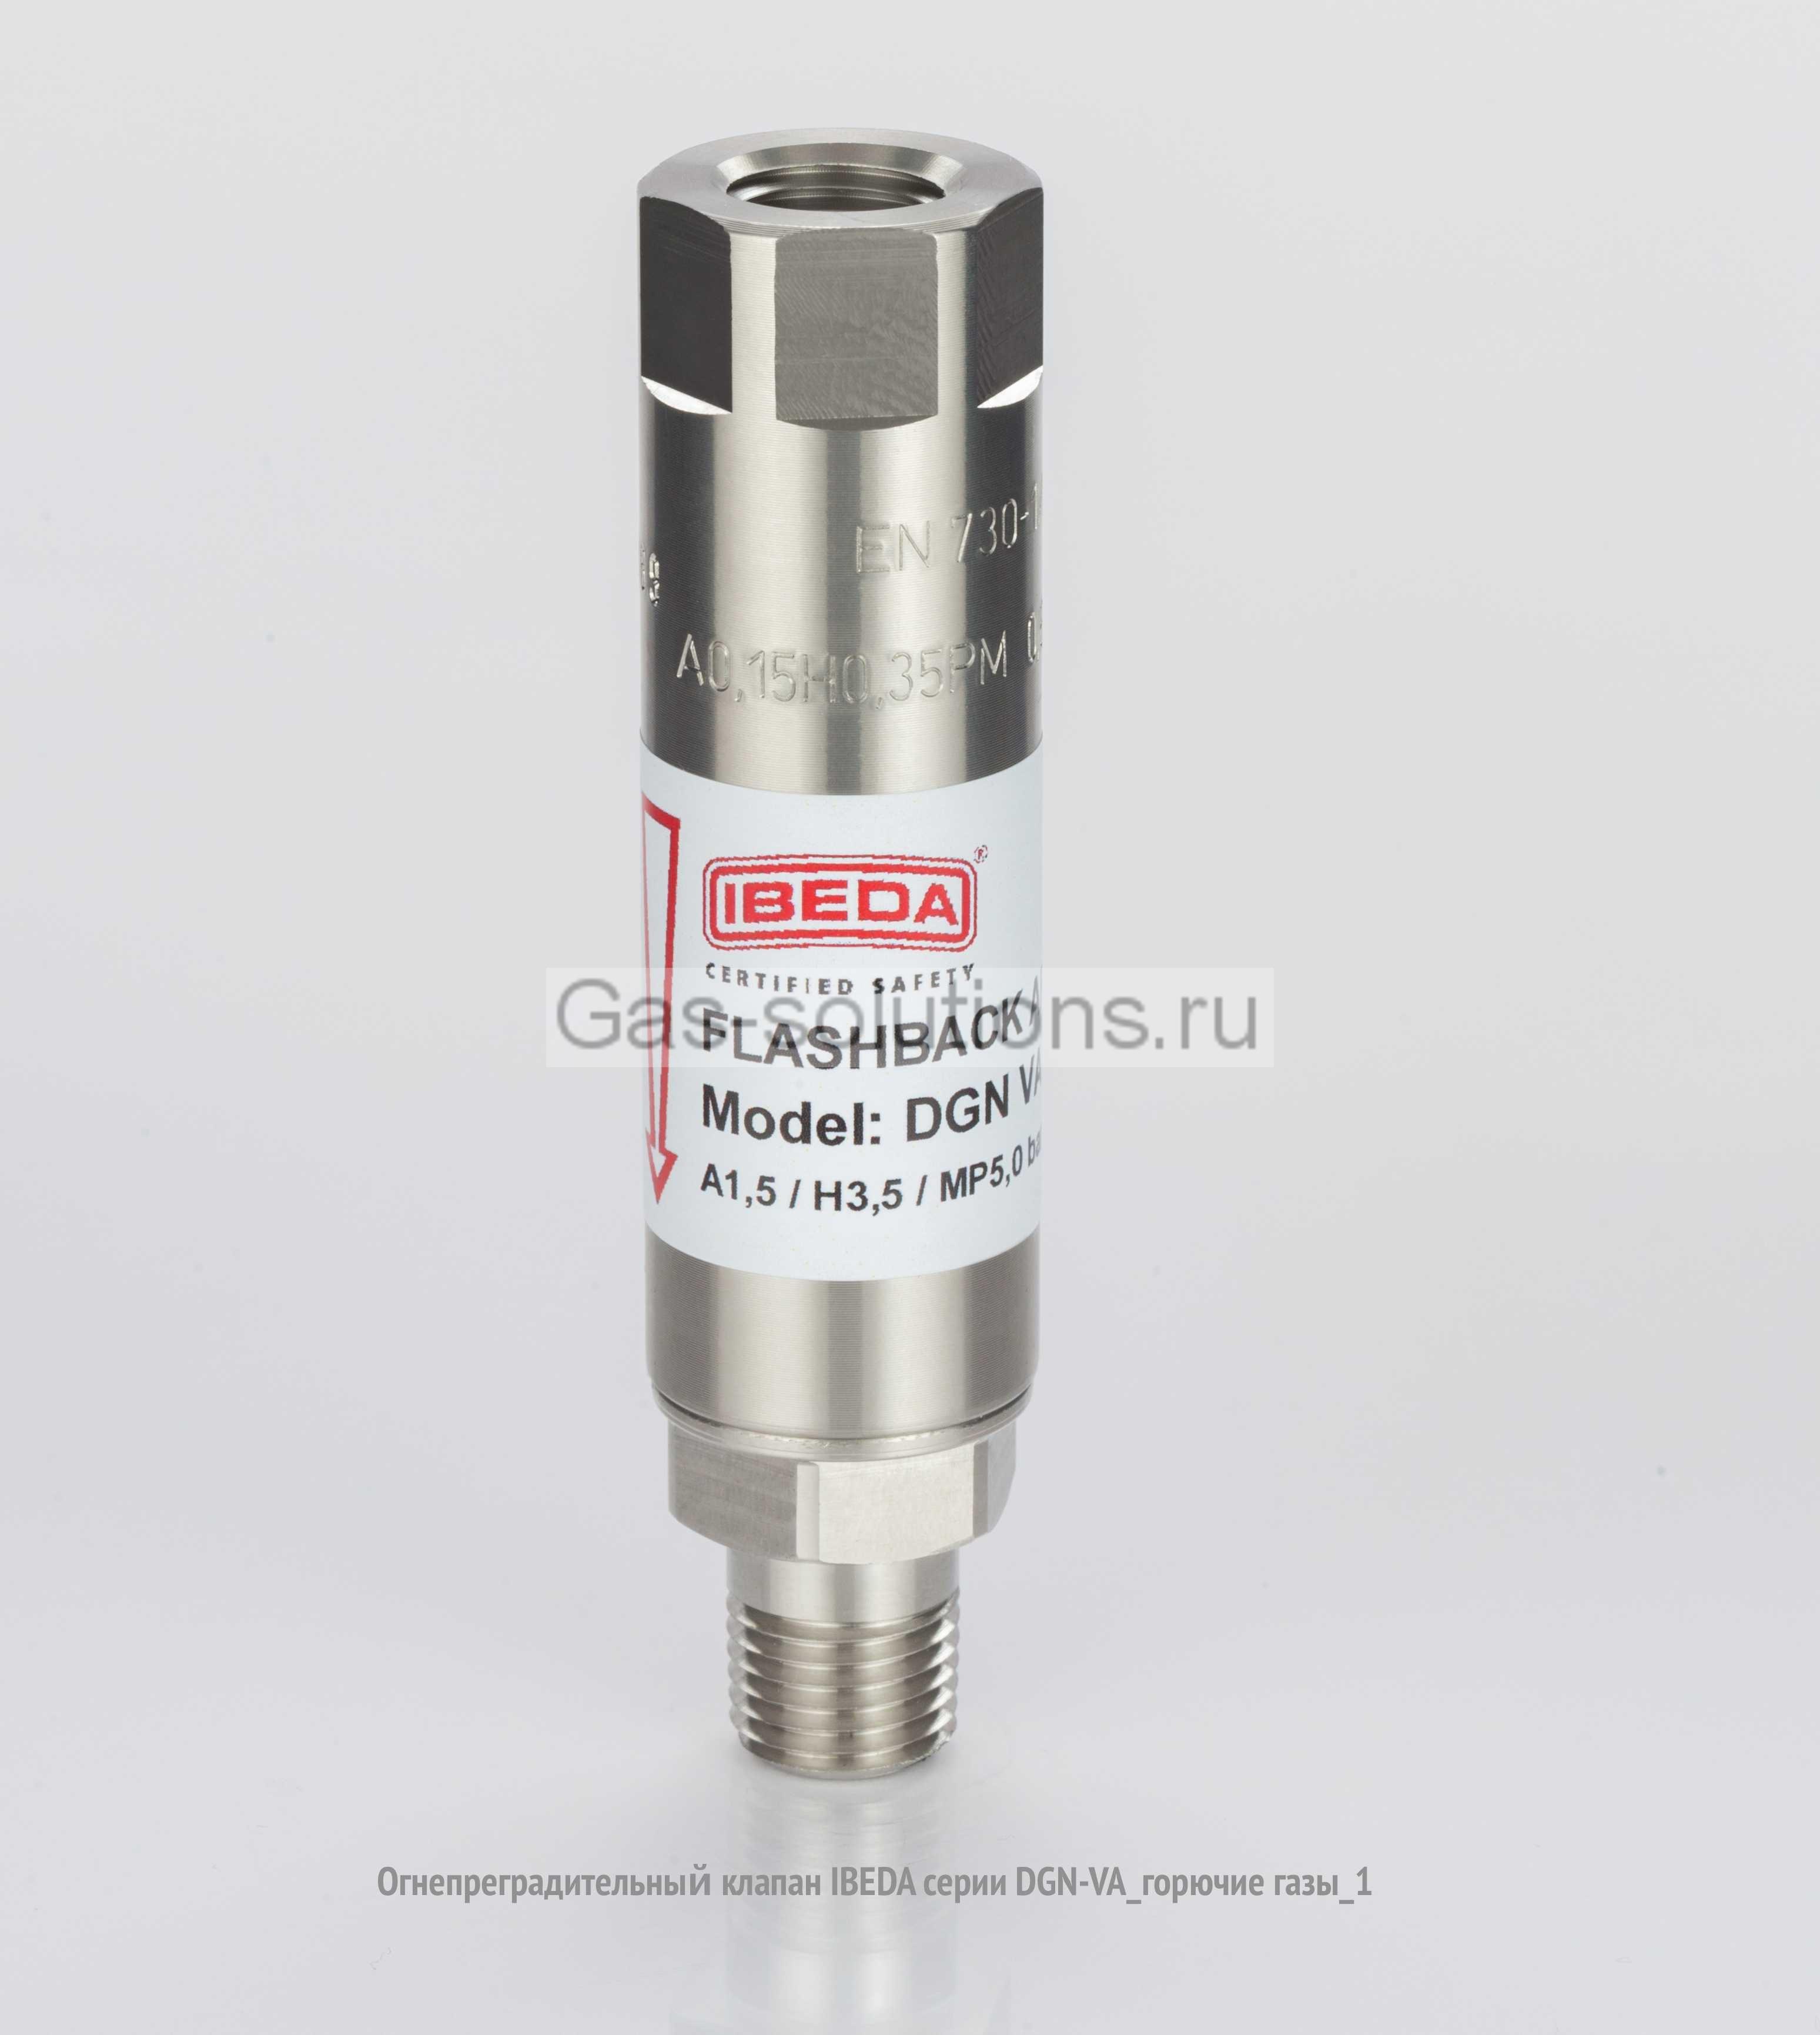 Огнепреградительный клапан IBEDA серии DGN-VA_горючие газы_1